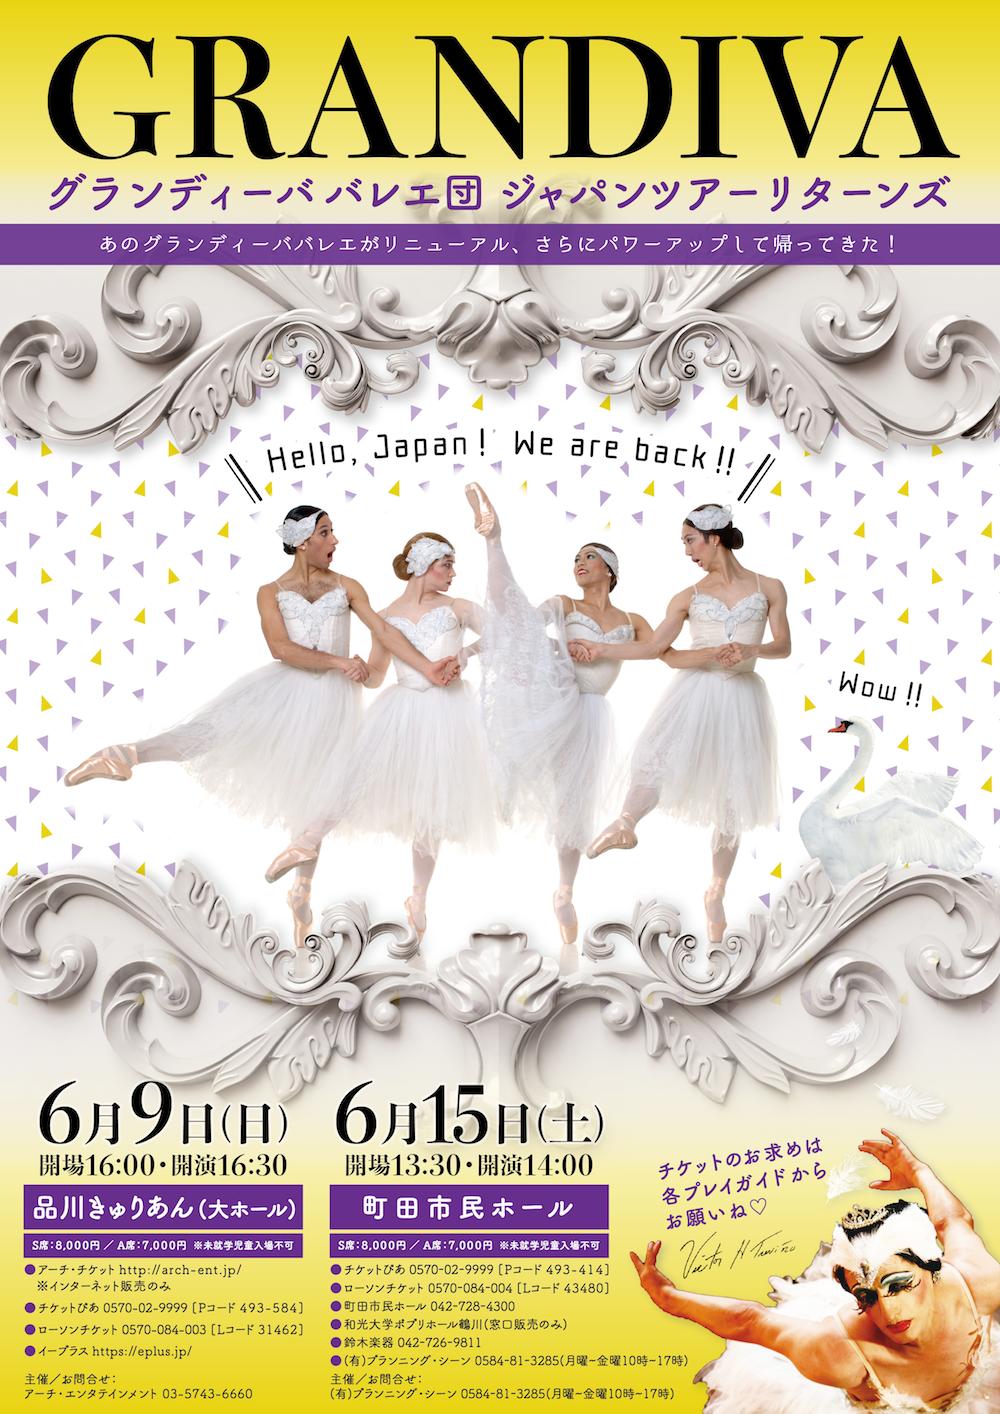 グランディーバ バレエ団 ジャパン ツアー リターンズ2019